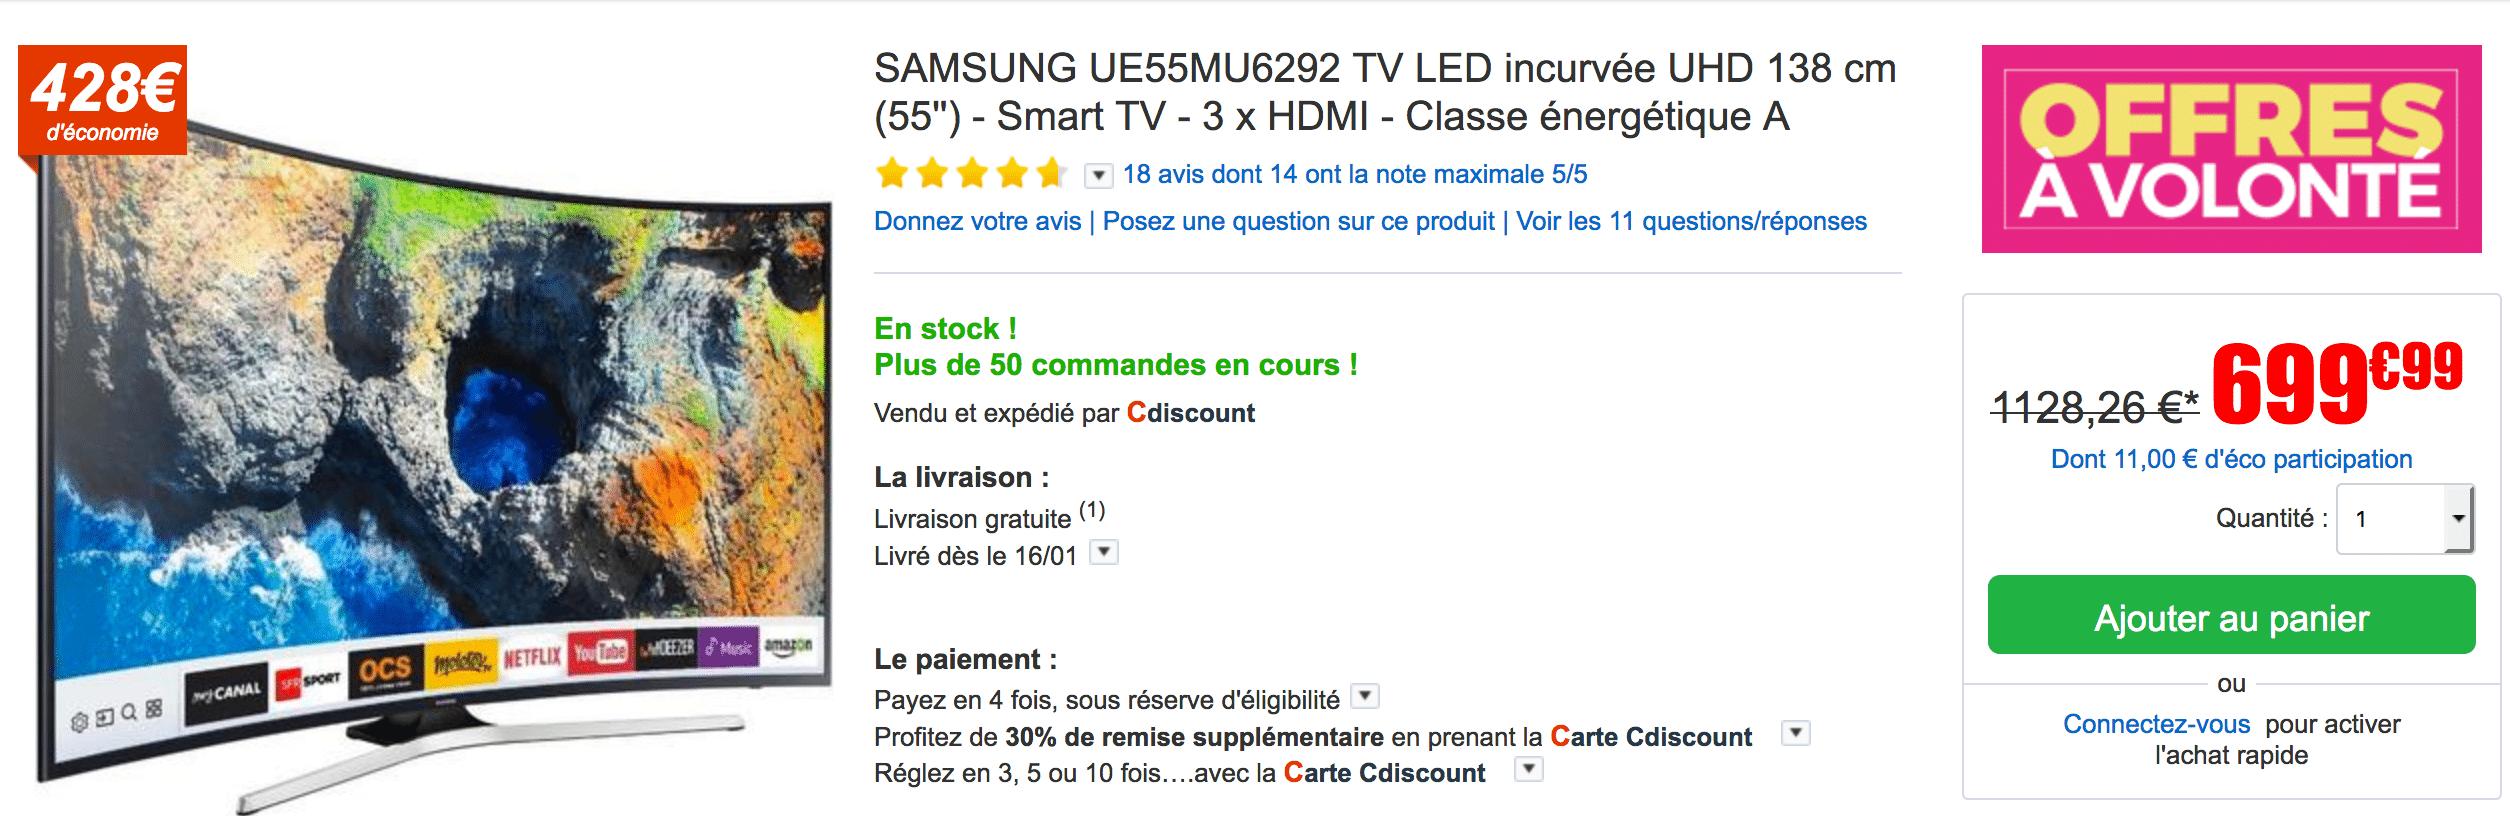 solde tv samsung led